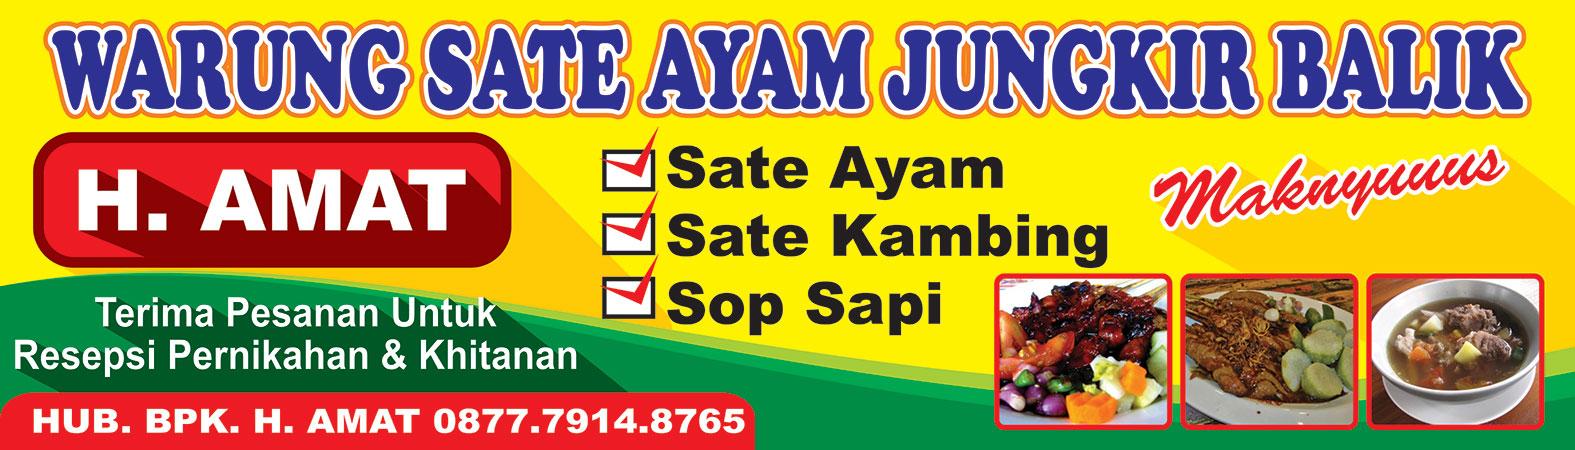 Contoh Desain Banner Warung Sate H Amat Contoh Desain Grafis